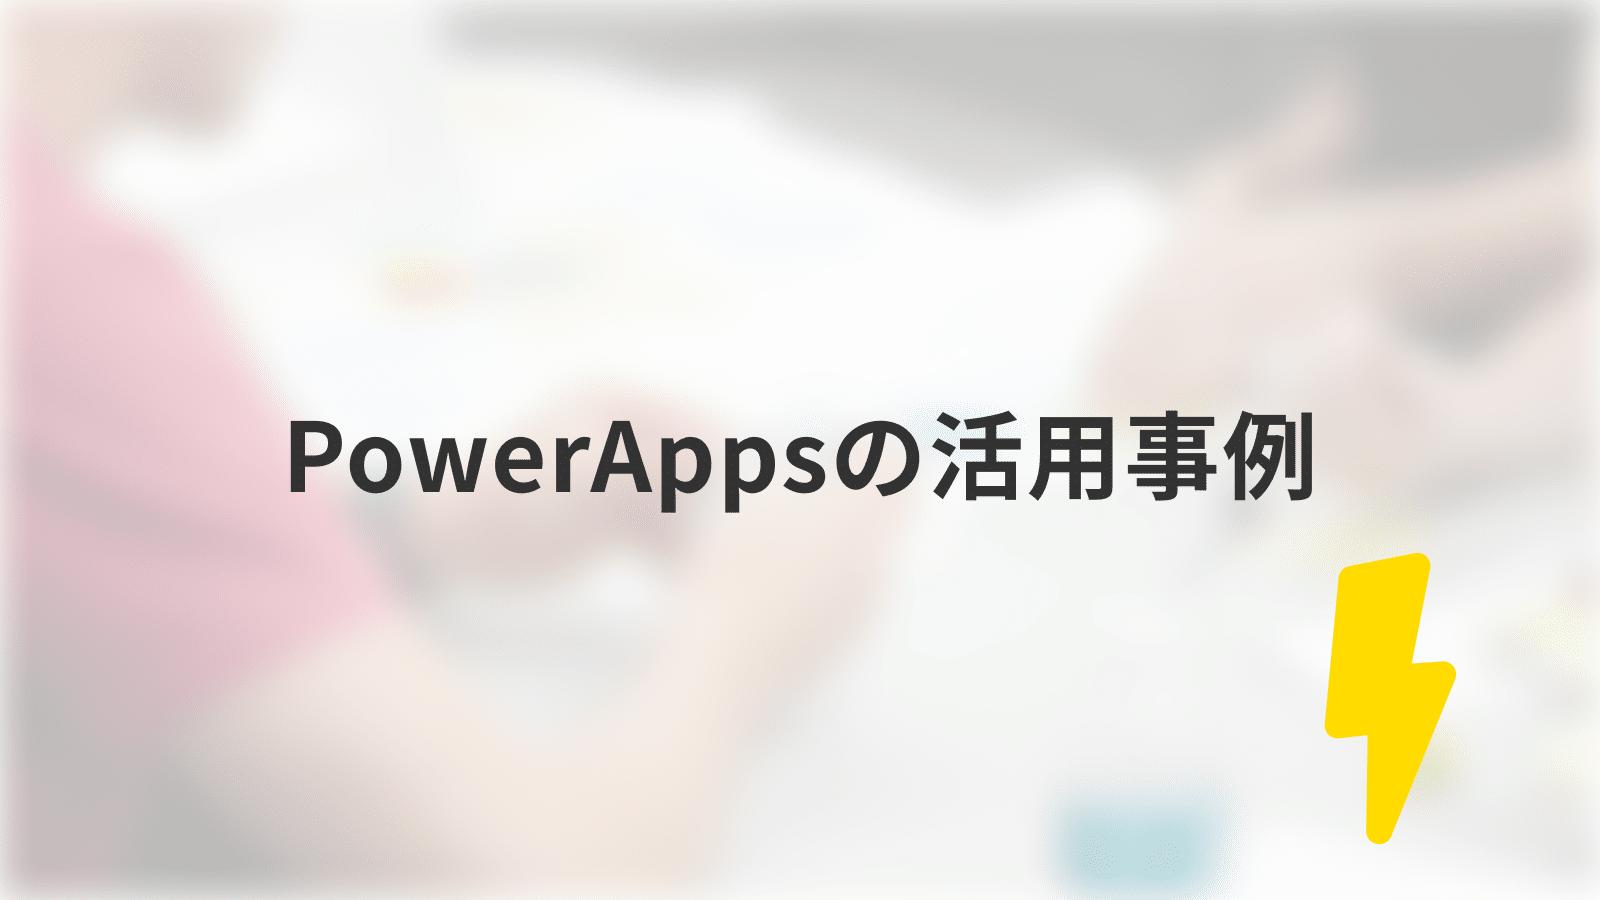 PowerAppsの活用事例